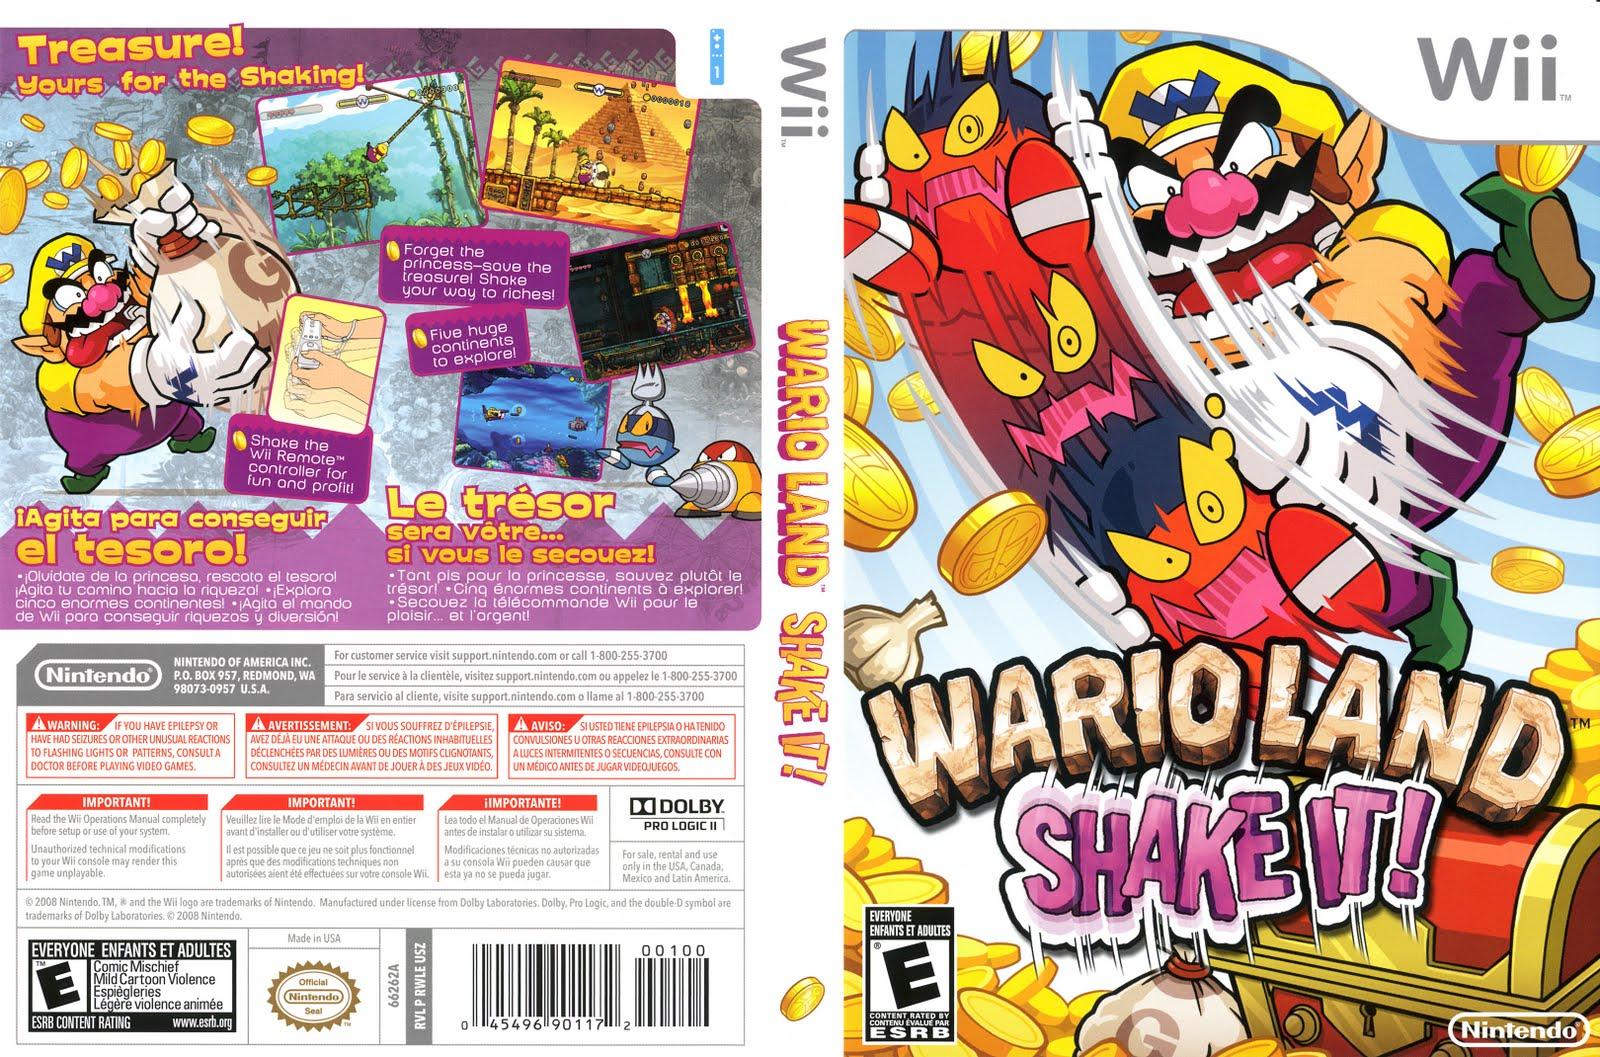 Wario Land Shake It - Wii